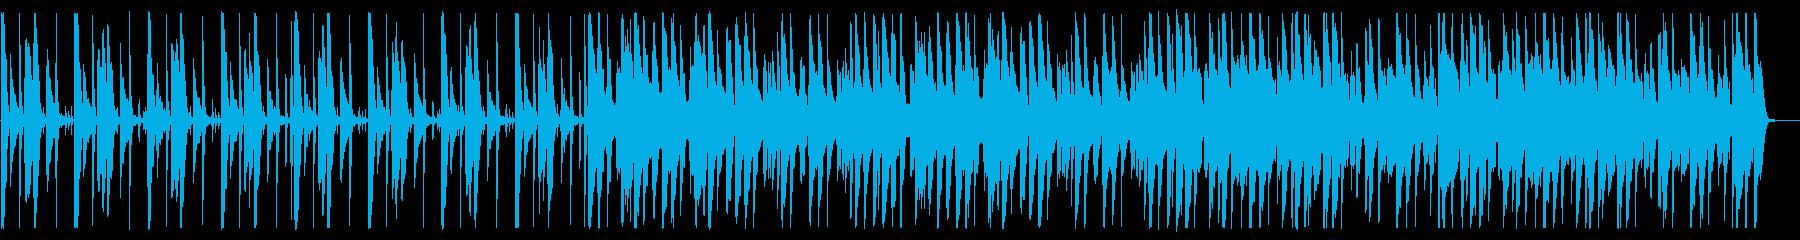 ほのぼの切ない_No660_3の再生済みの波形